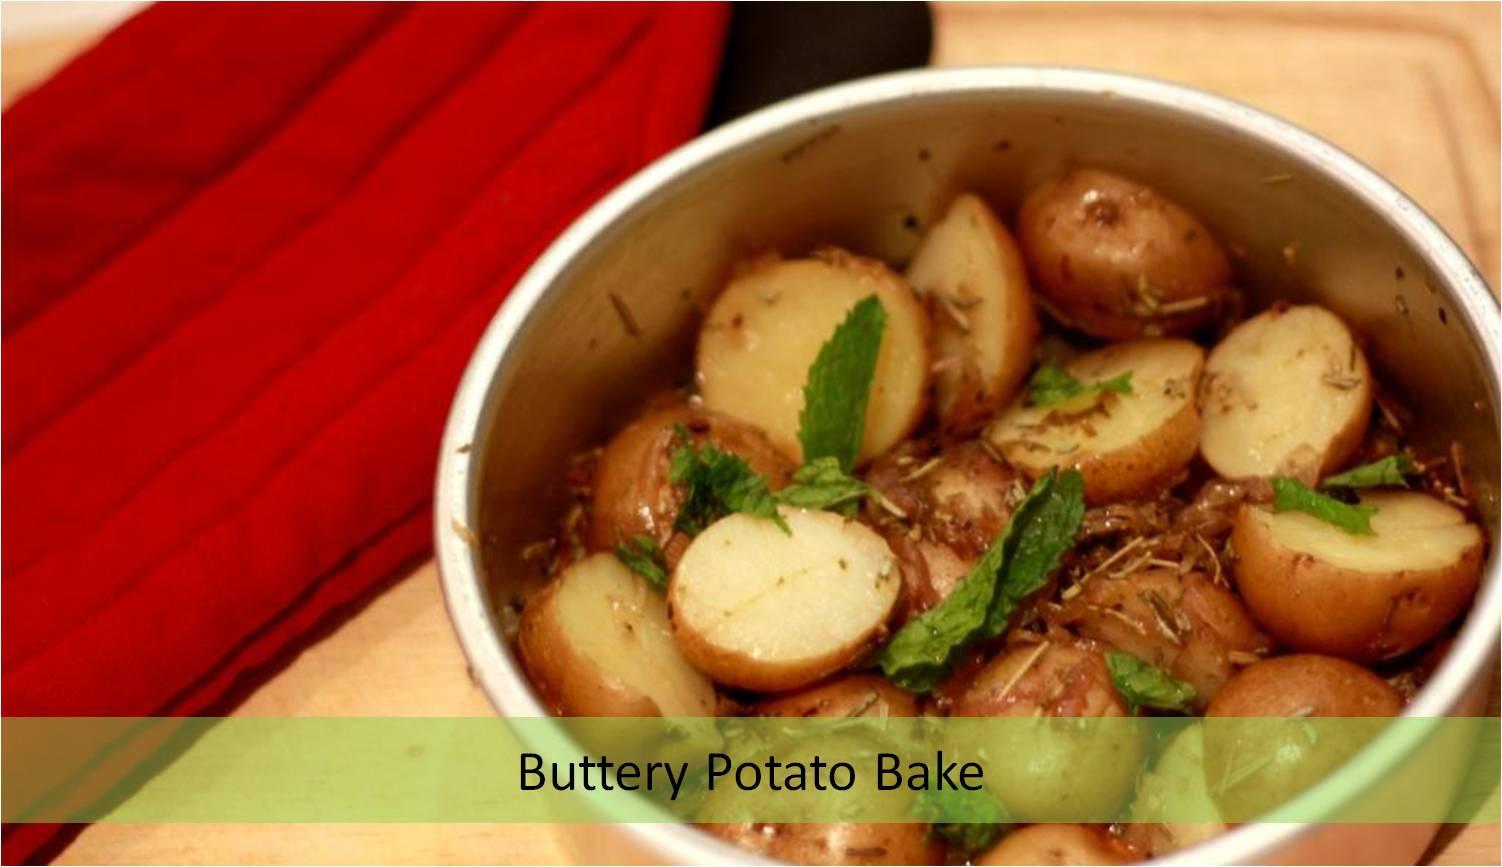 Buttery Potato Bake